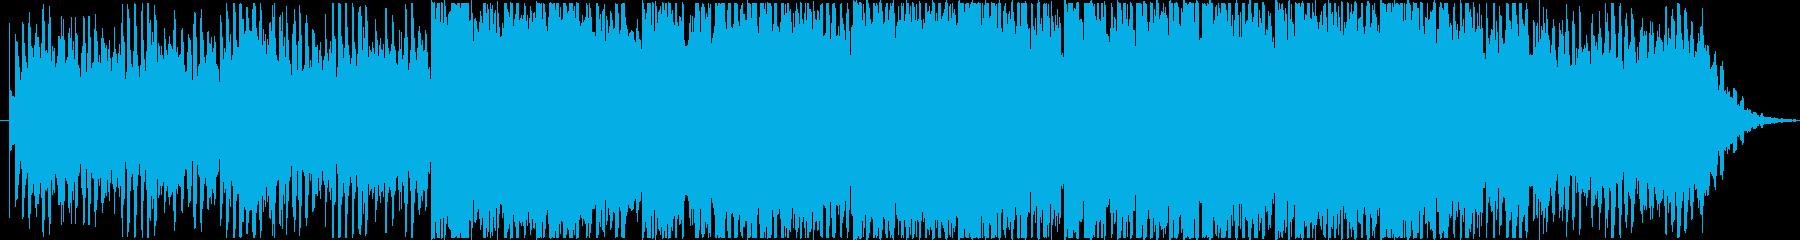 雫から大河へ変わって行くイメージのBGMの再生済みの波形